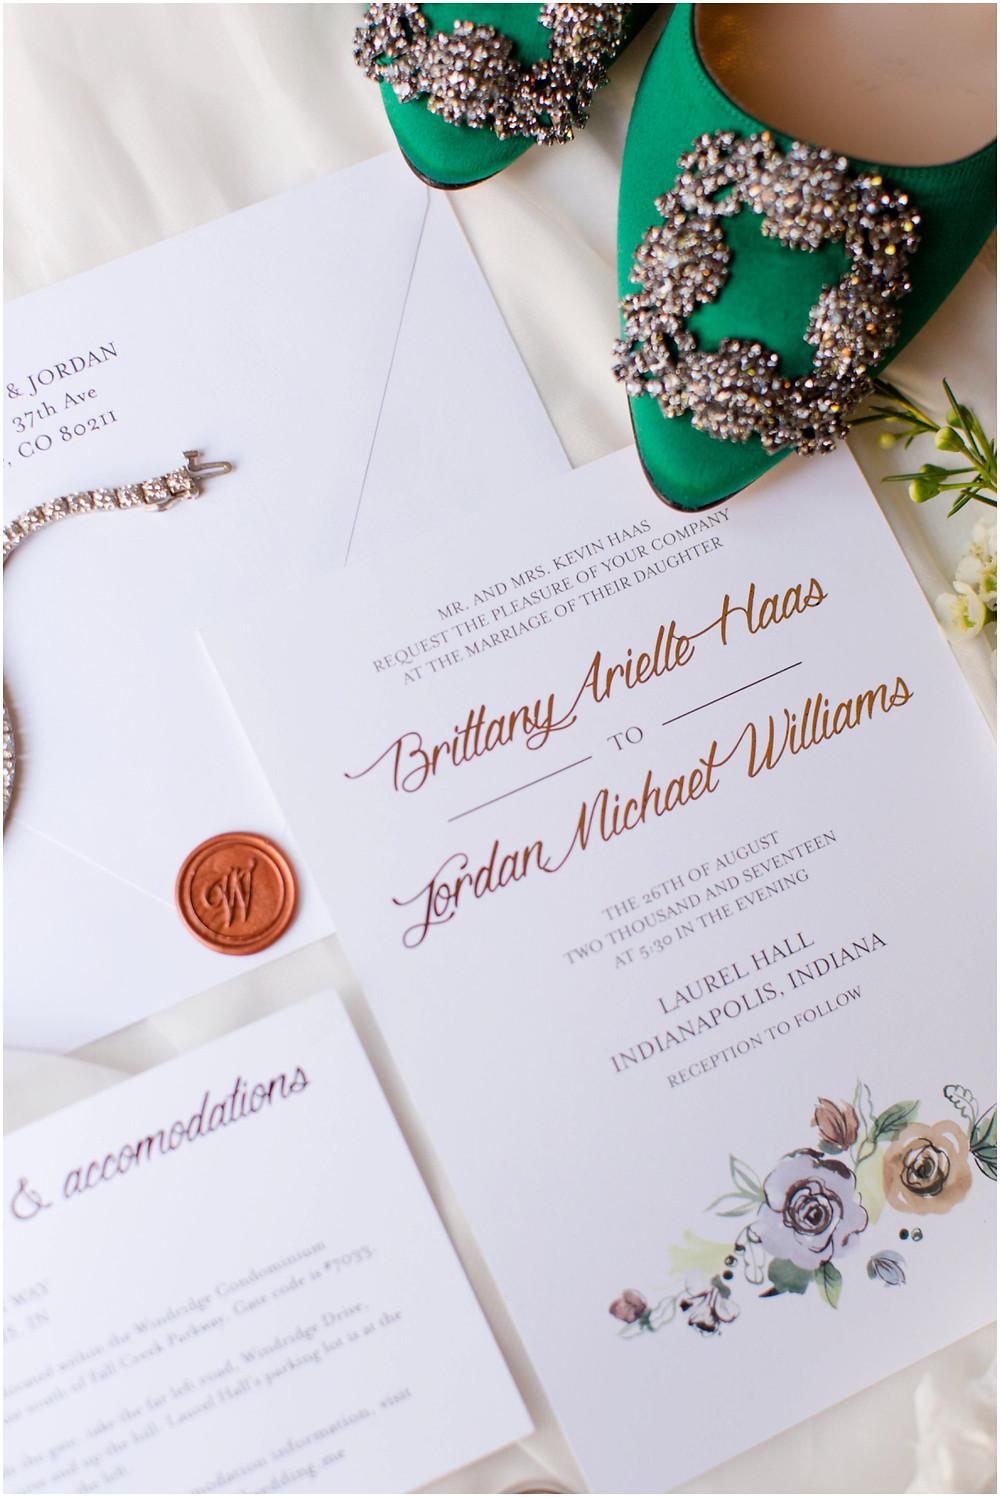 Wedding invitaiotn